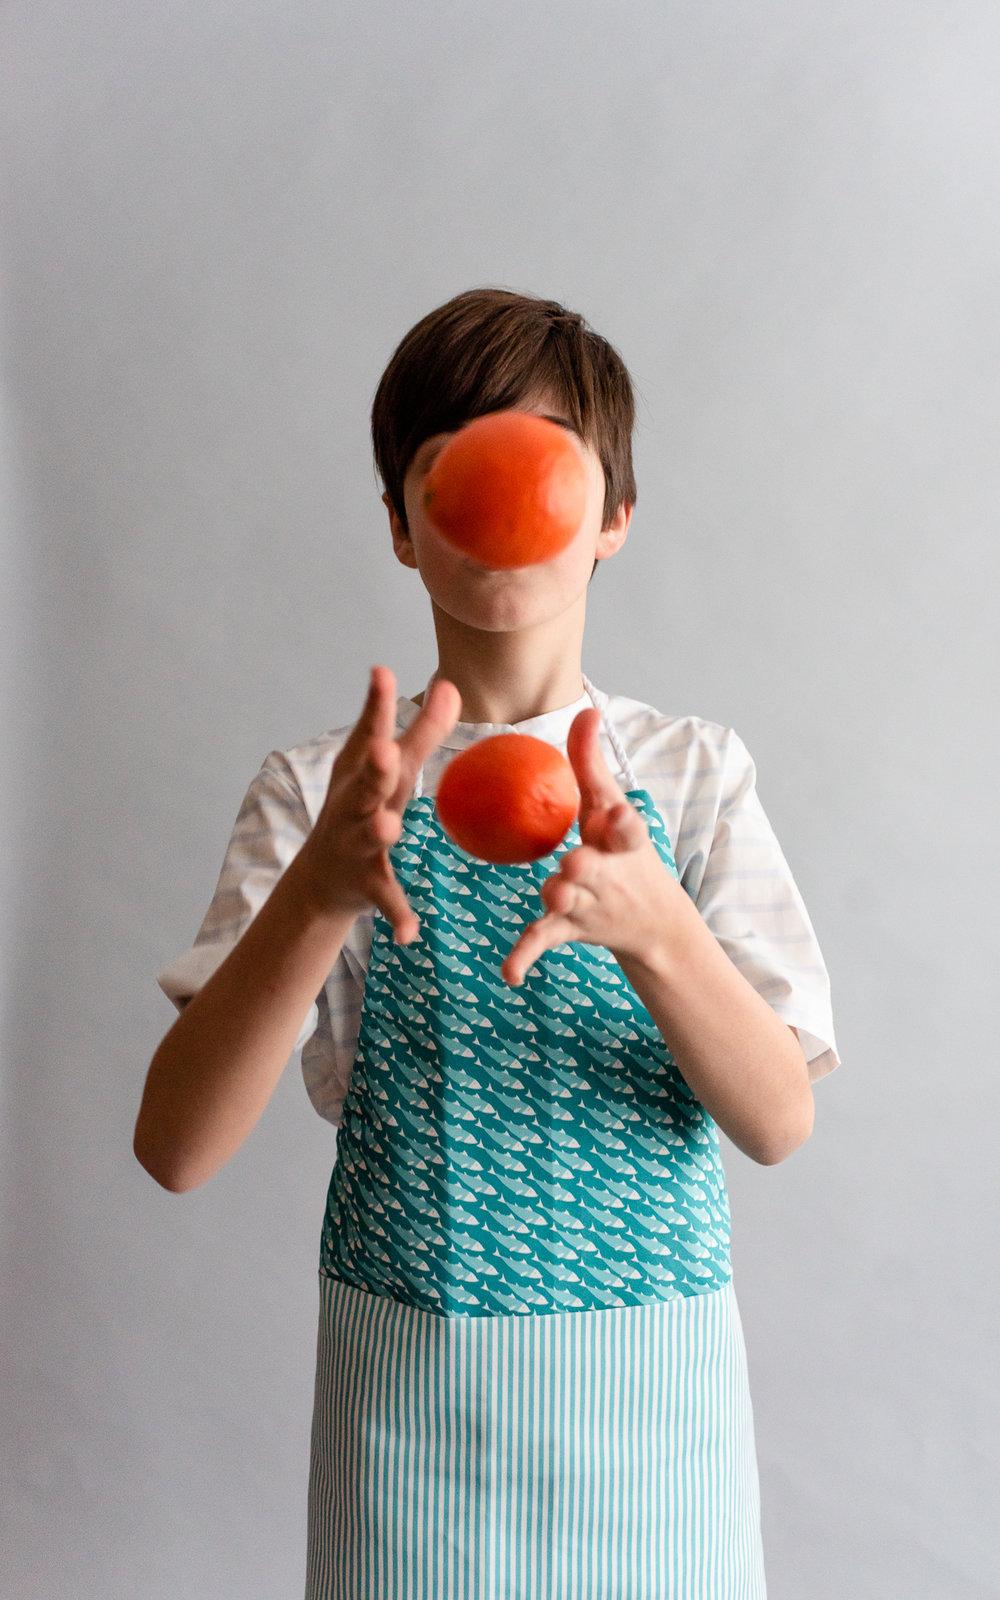 prp-kids=clothing-sewing-patterns60.jpg